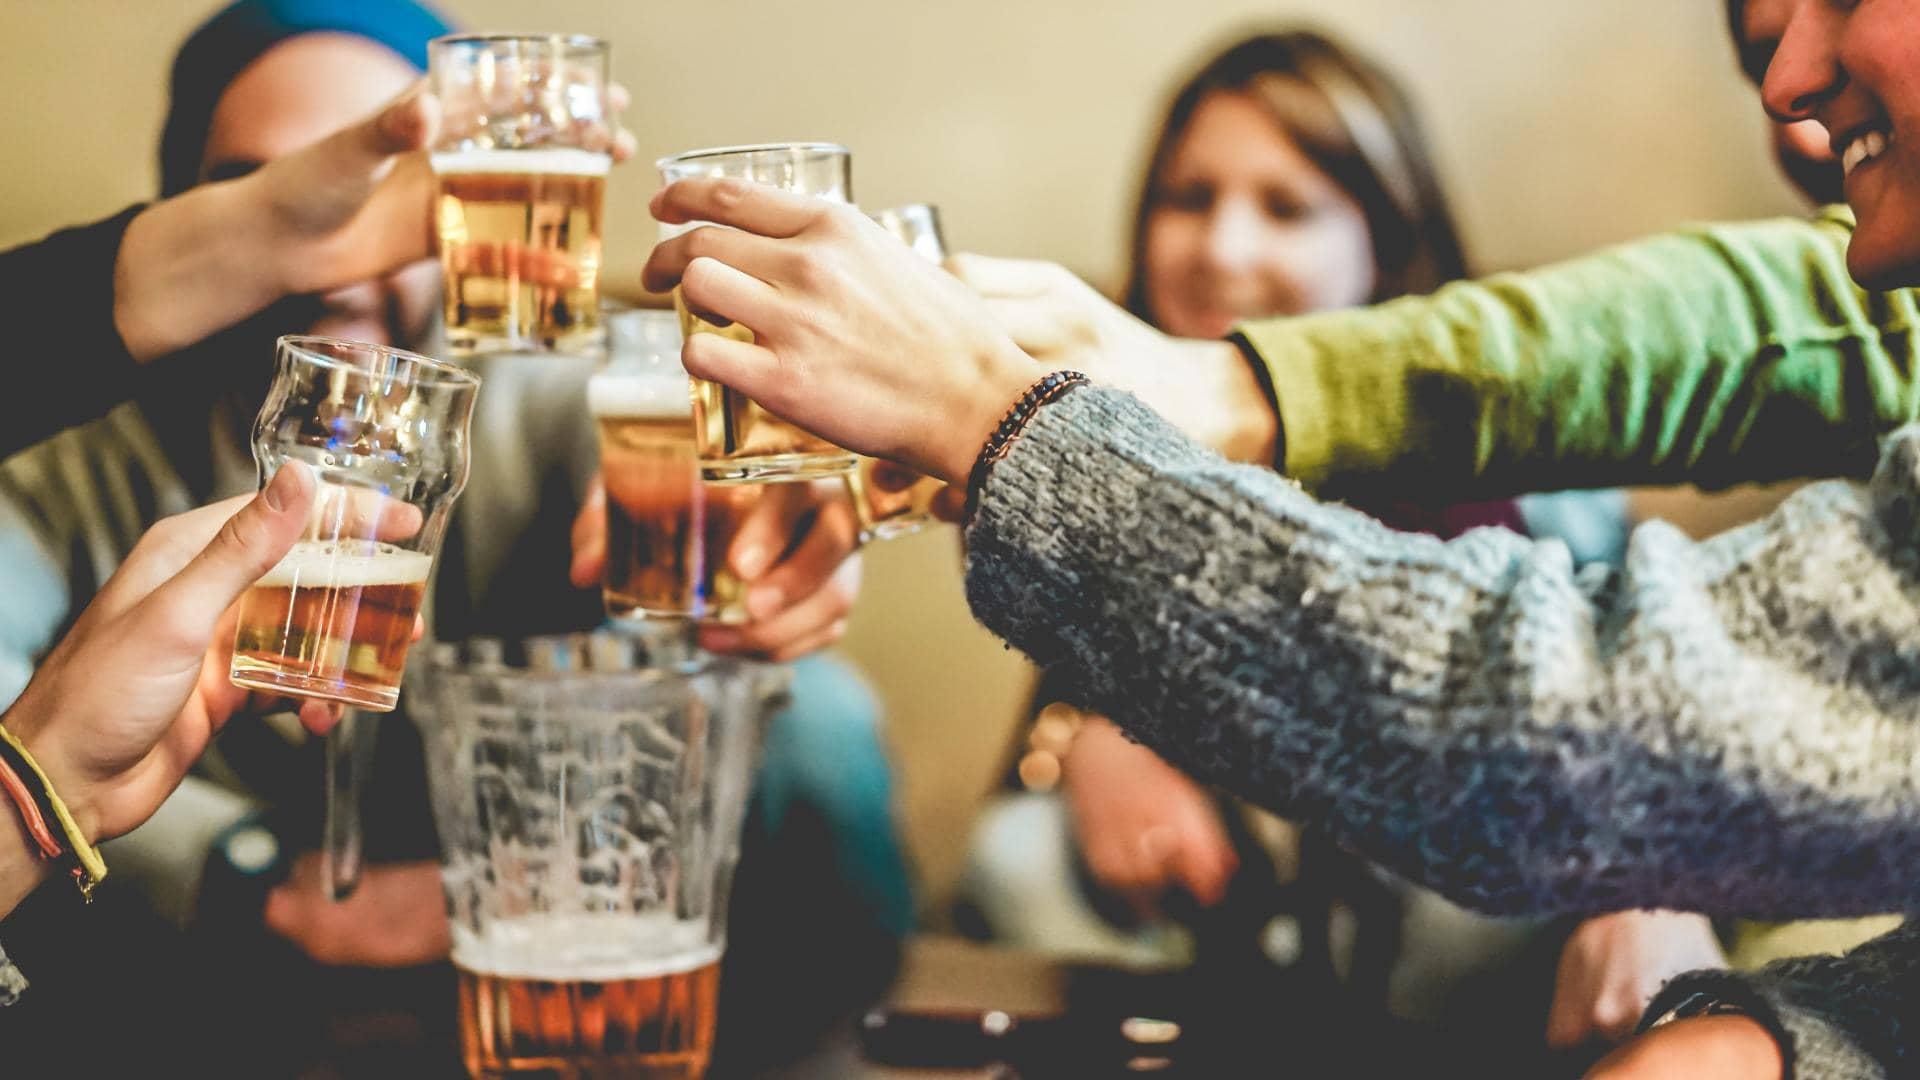 spieleabend bier freunde mann frau partyspiele für erwachsene